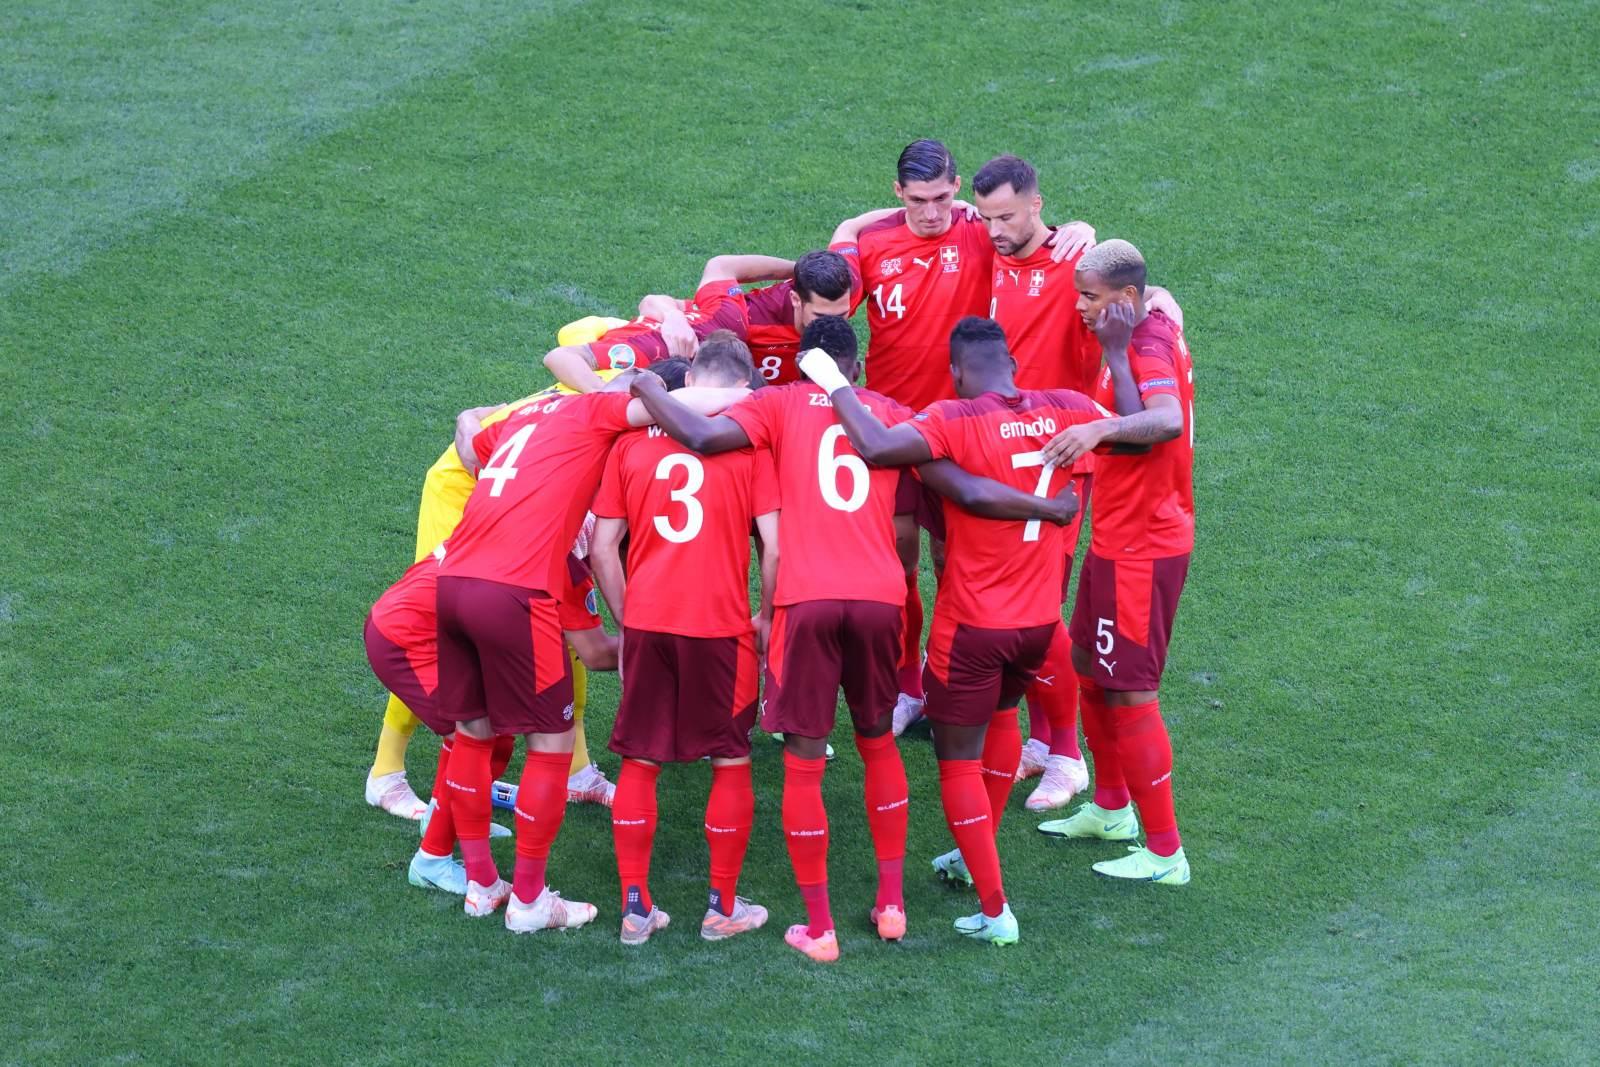 Швейцария разгромила Литву, Болгария набрала три очка